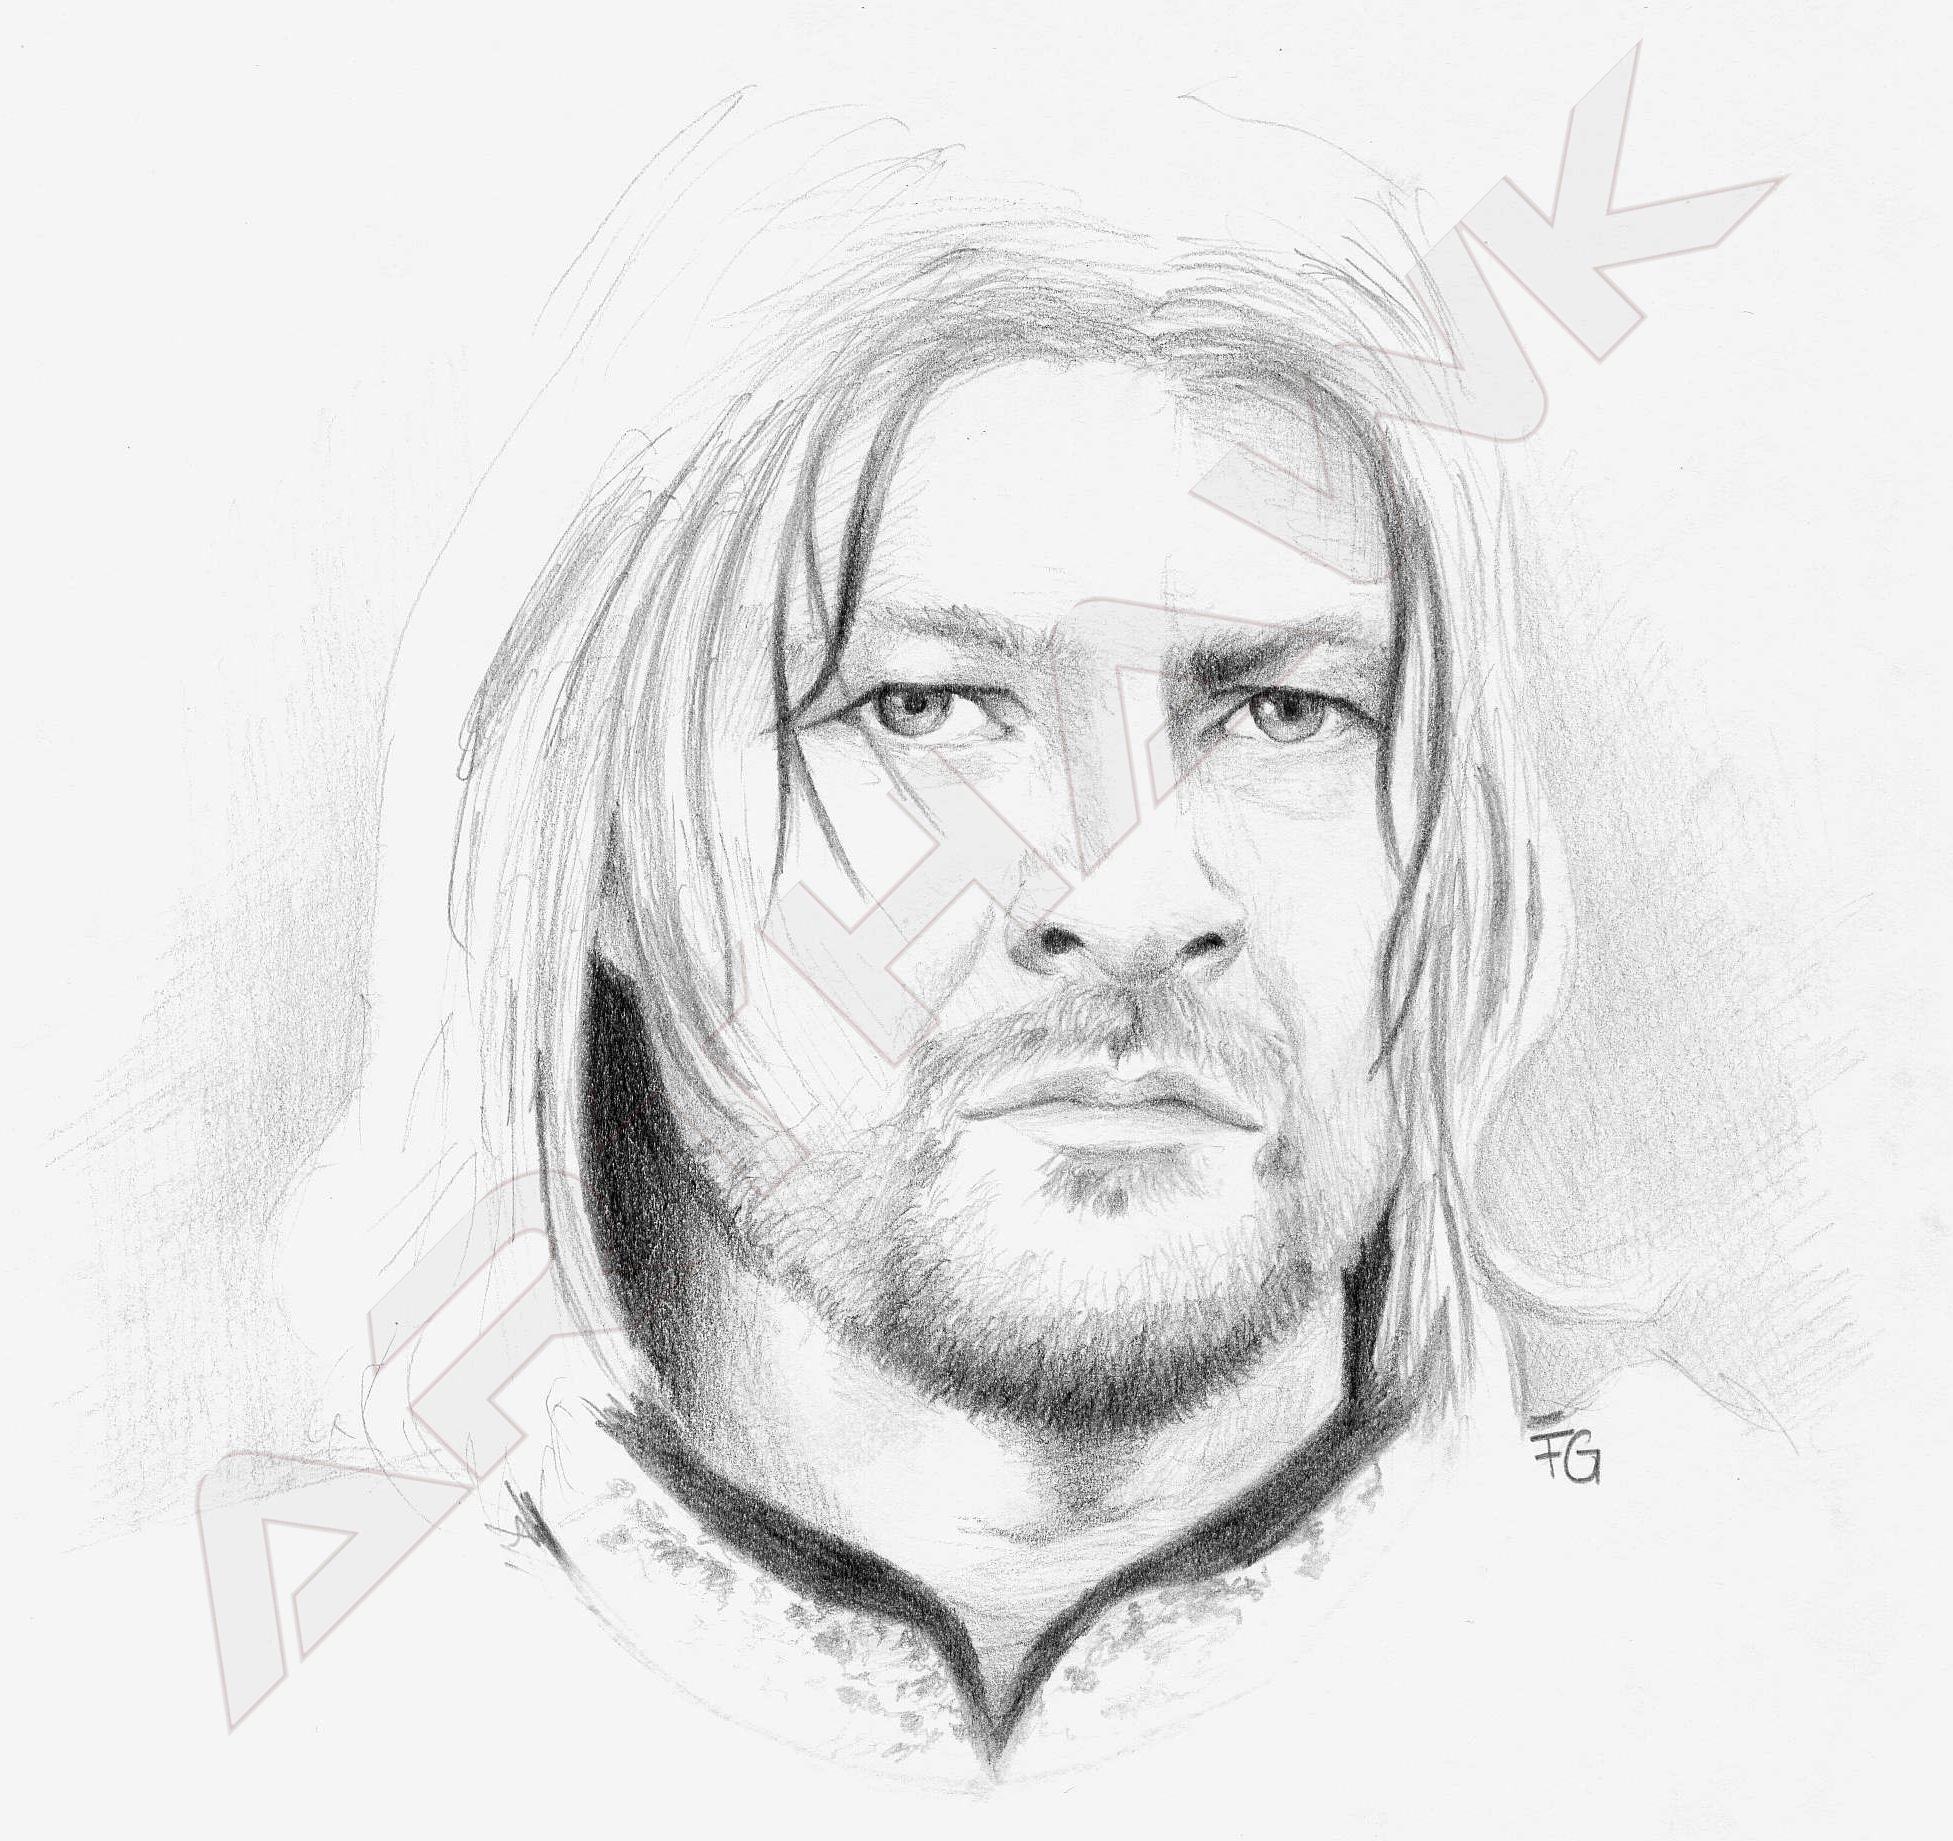 El Señor de los Anillos, Imagenes - Taringa!